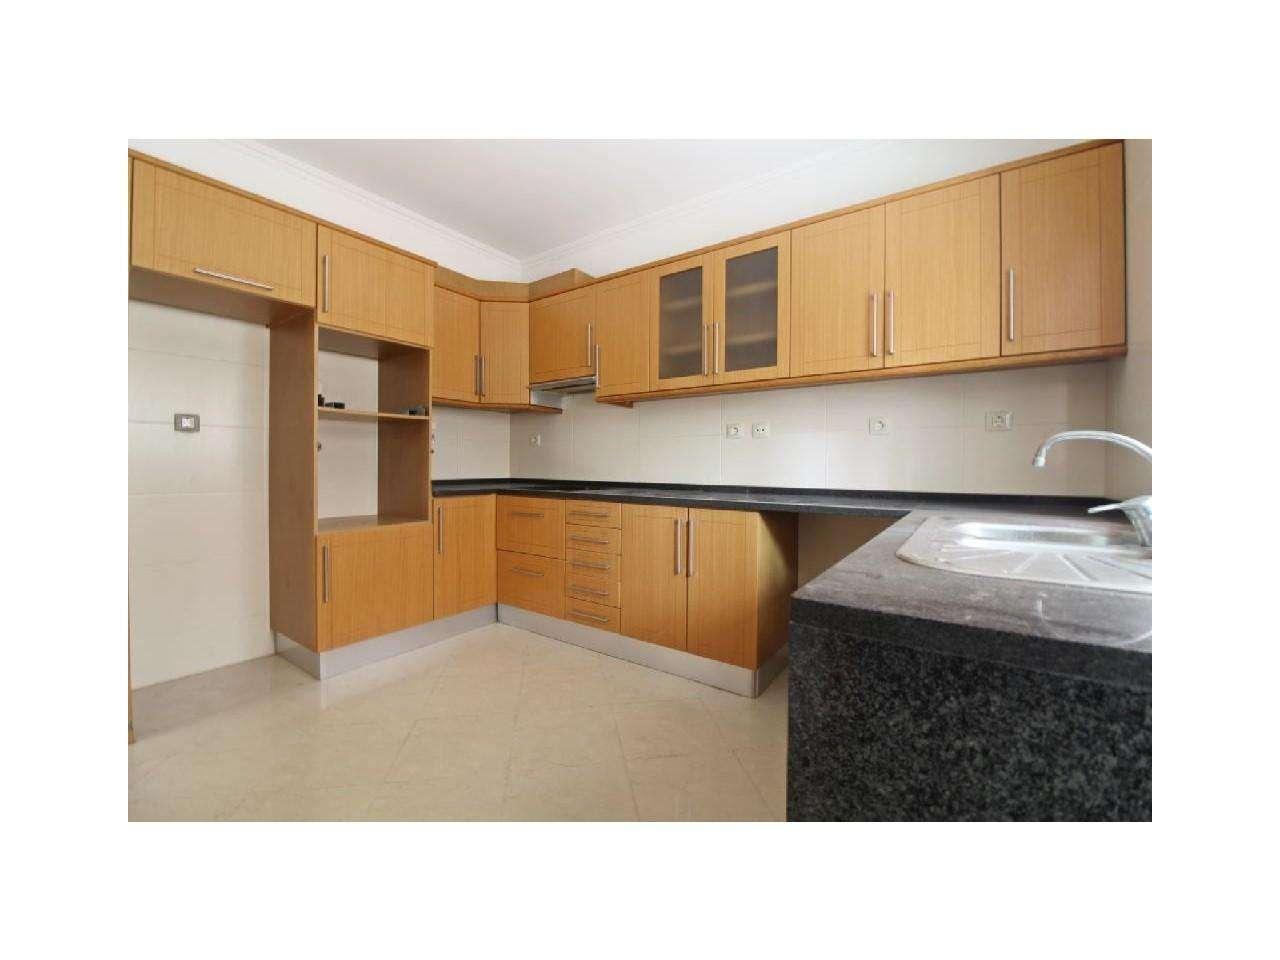 Apartamento para comprar, Fernão Ferro, Setúbal - Foto 1